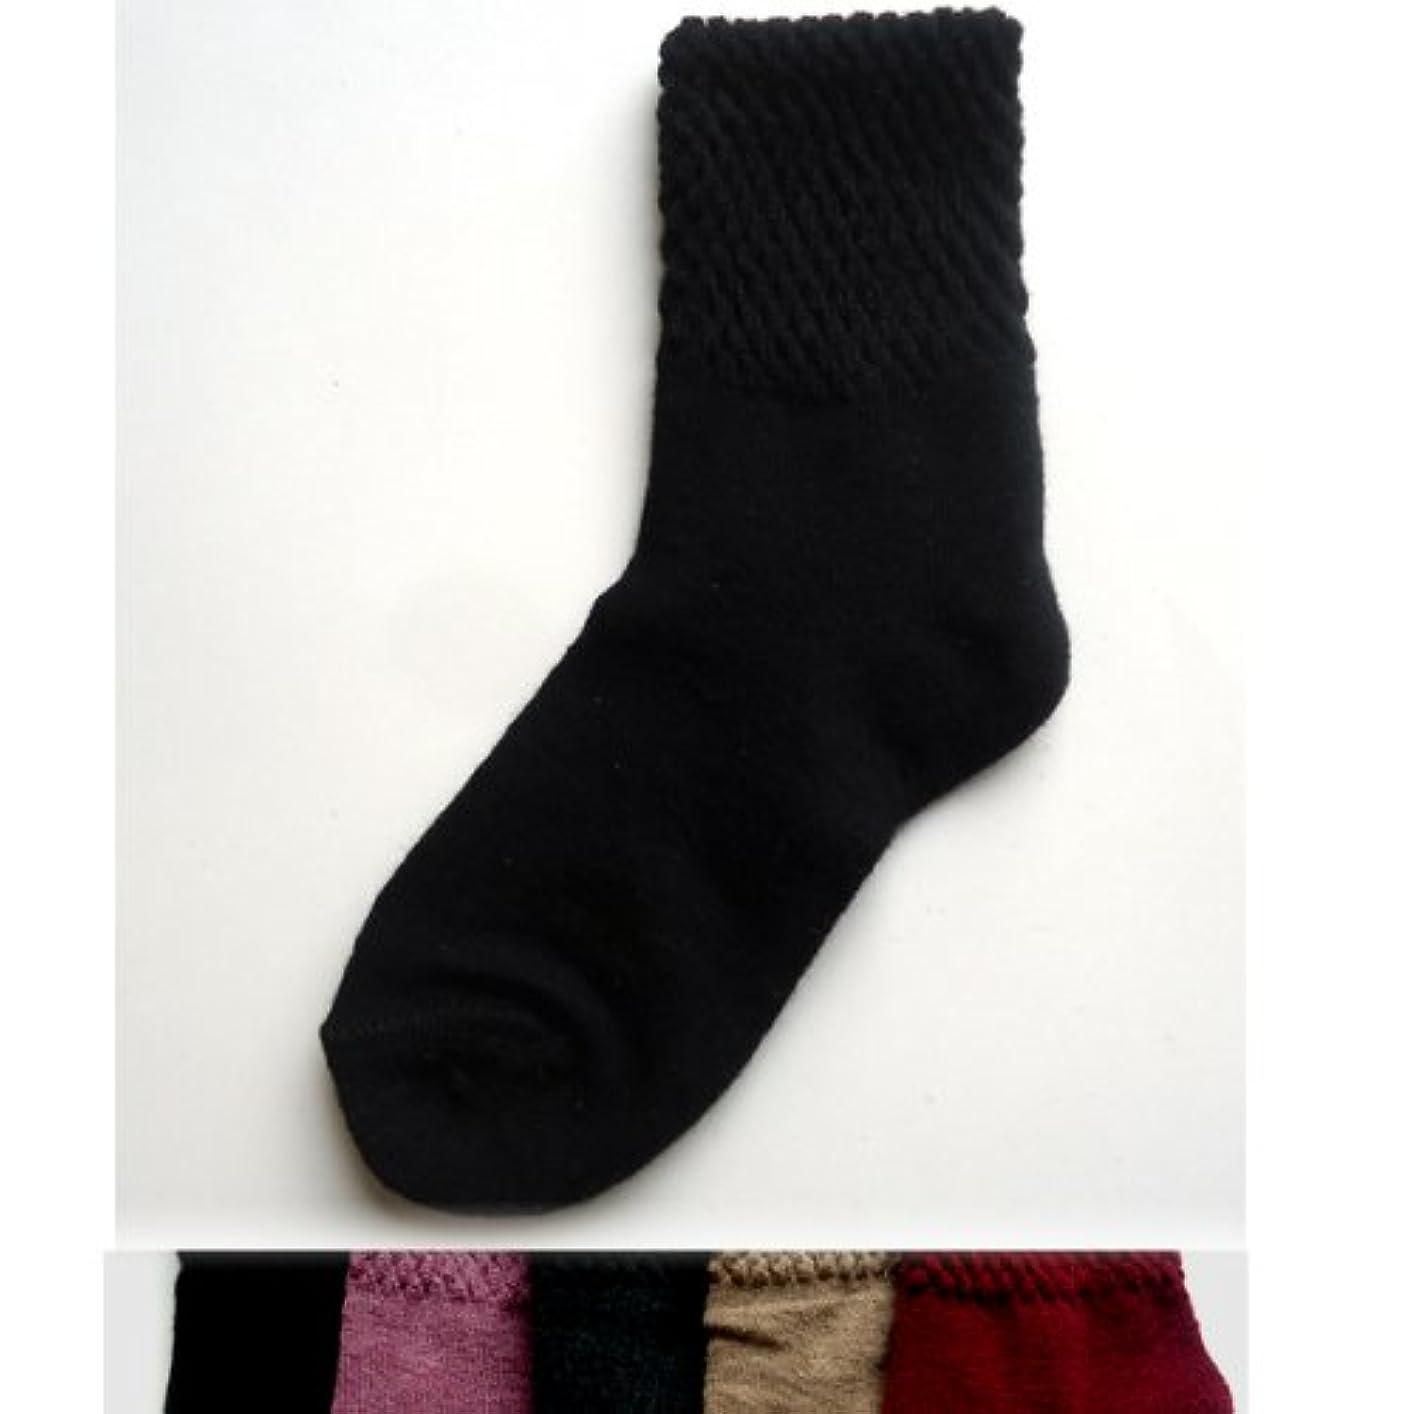 逃げるメモアクセスできない靴下 あったか シルク混 二重編みパイナップルソックス 厚手 22~24cm お買得4足組(色はお任せ)